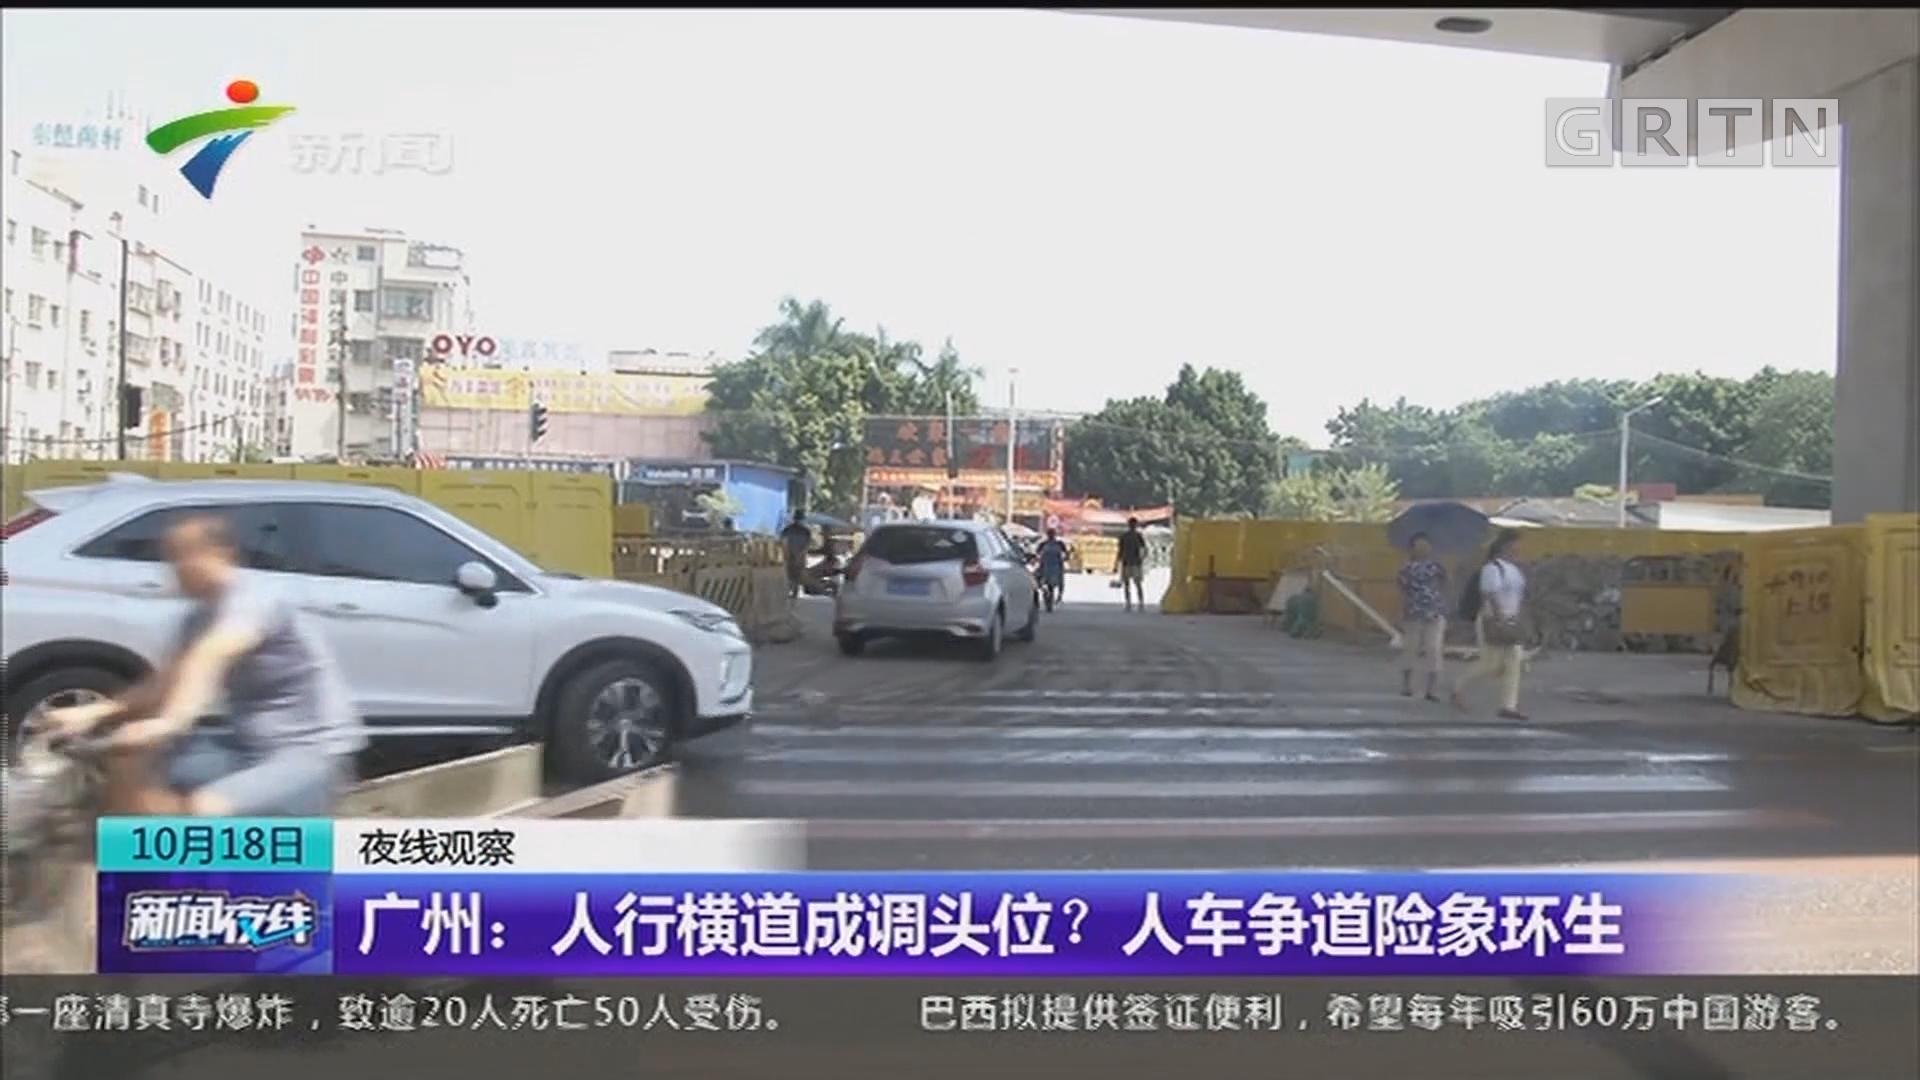 广州:人行横道成调头位?人车争道险象环生